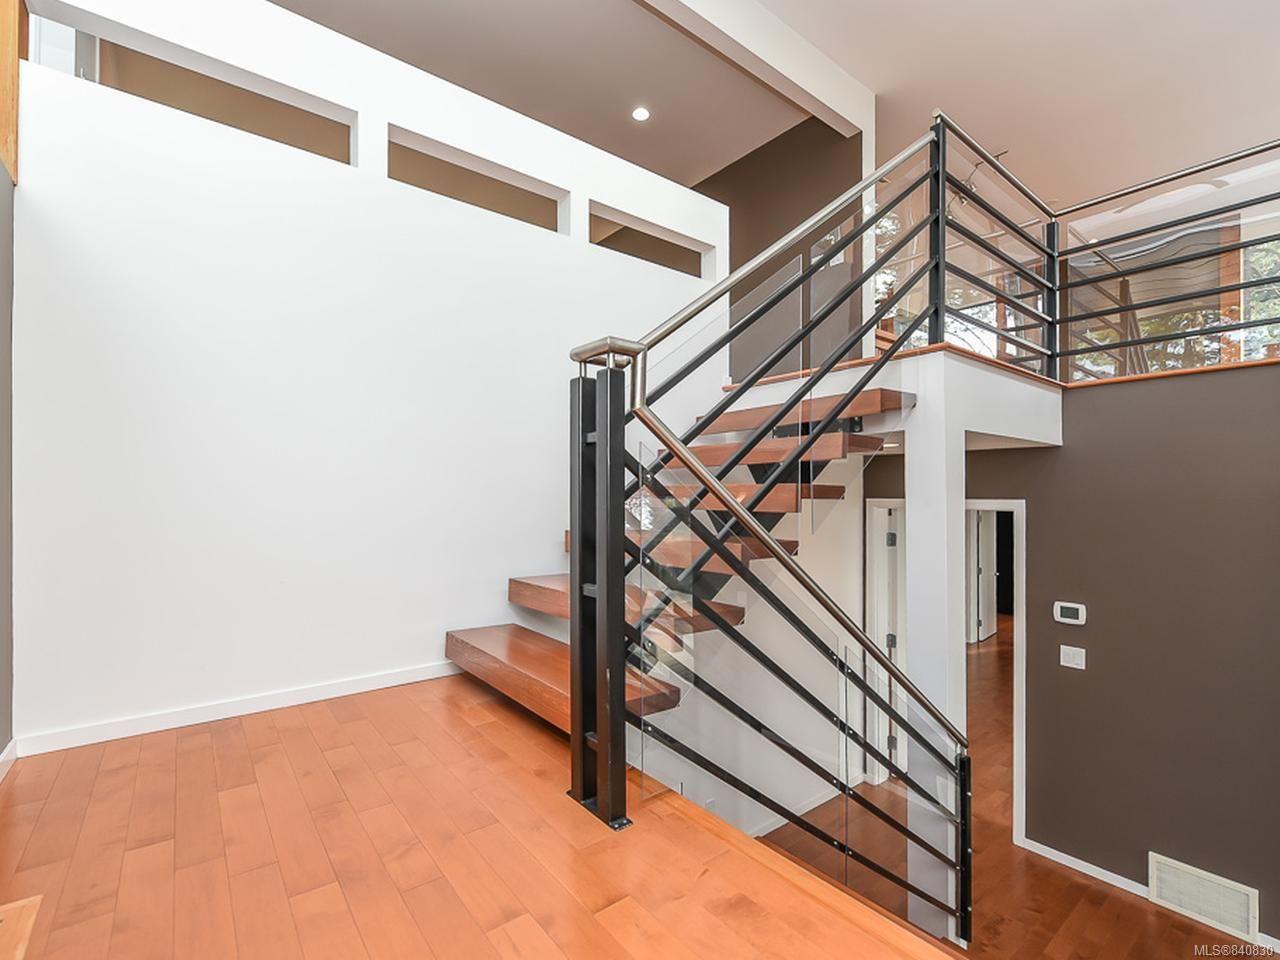 Photo 37: Photos: 1156 Moore Rd in COMOX: CV Comox Peninsula House for sale (Comox Valley)  : MLS®# 840830